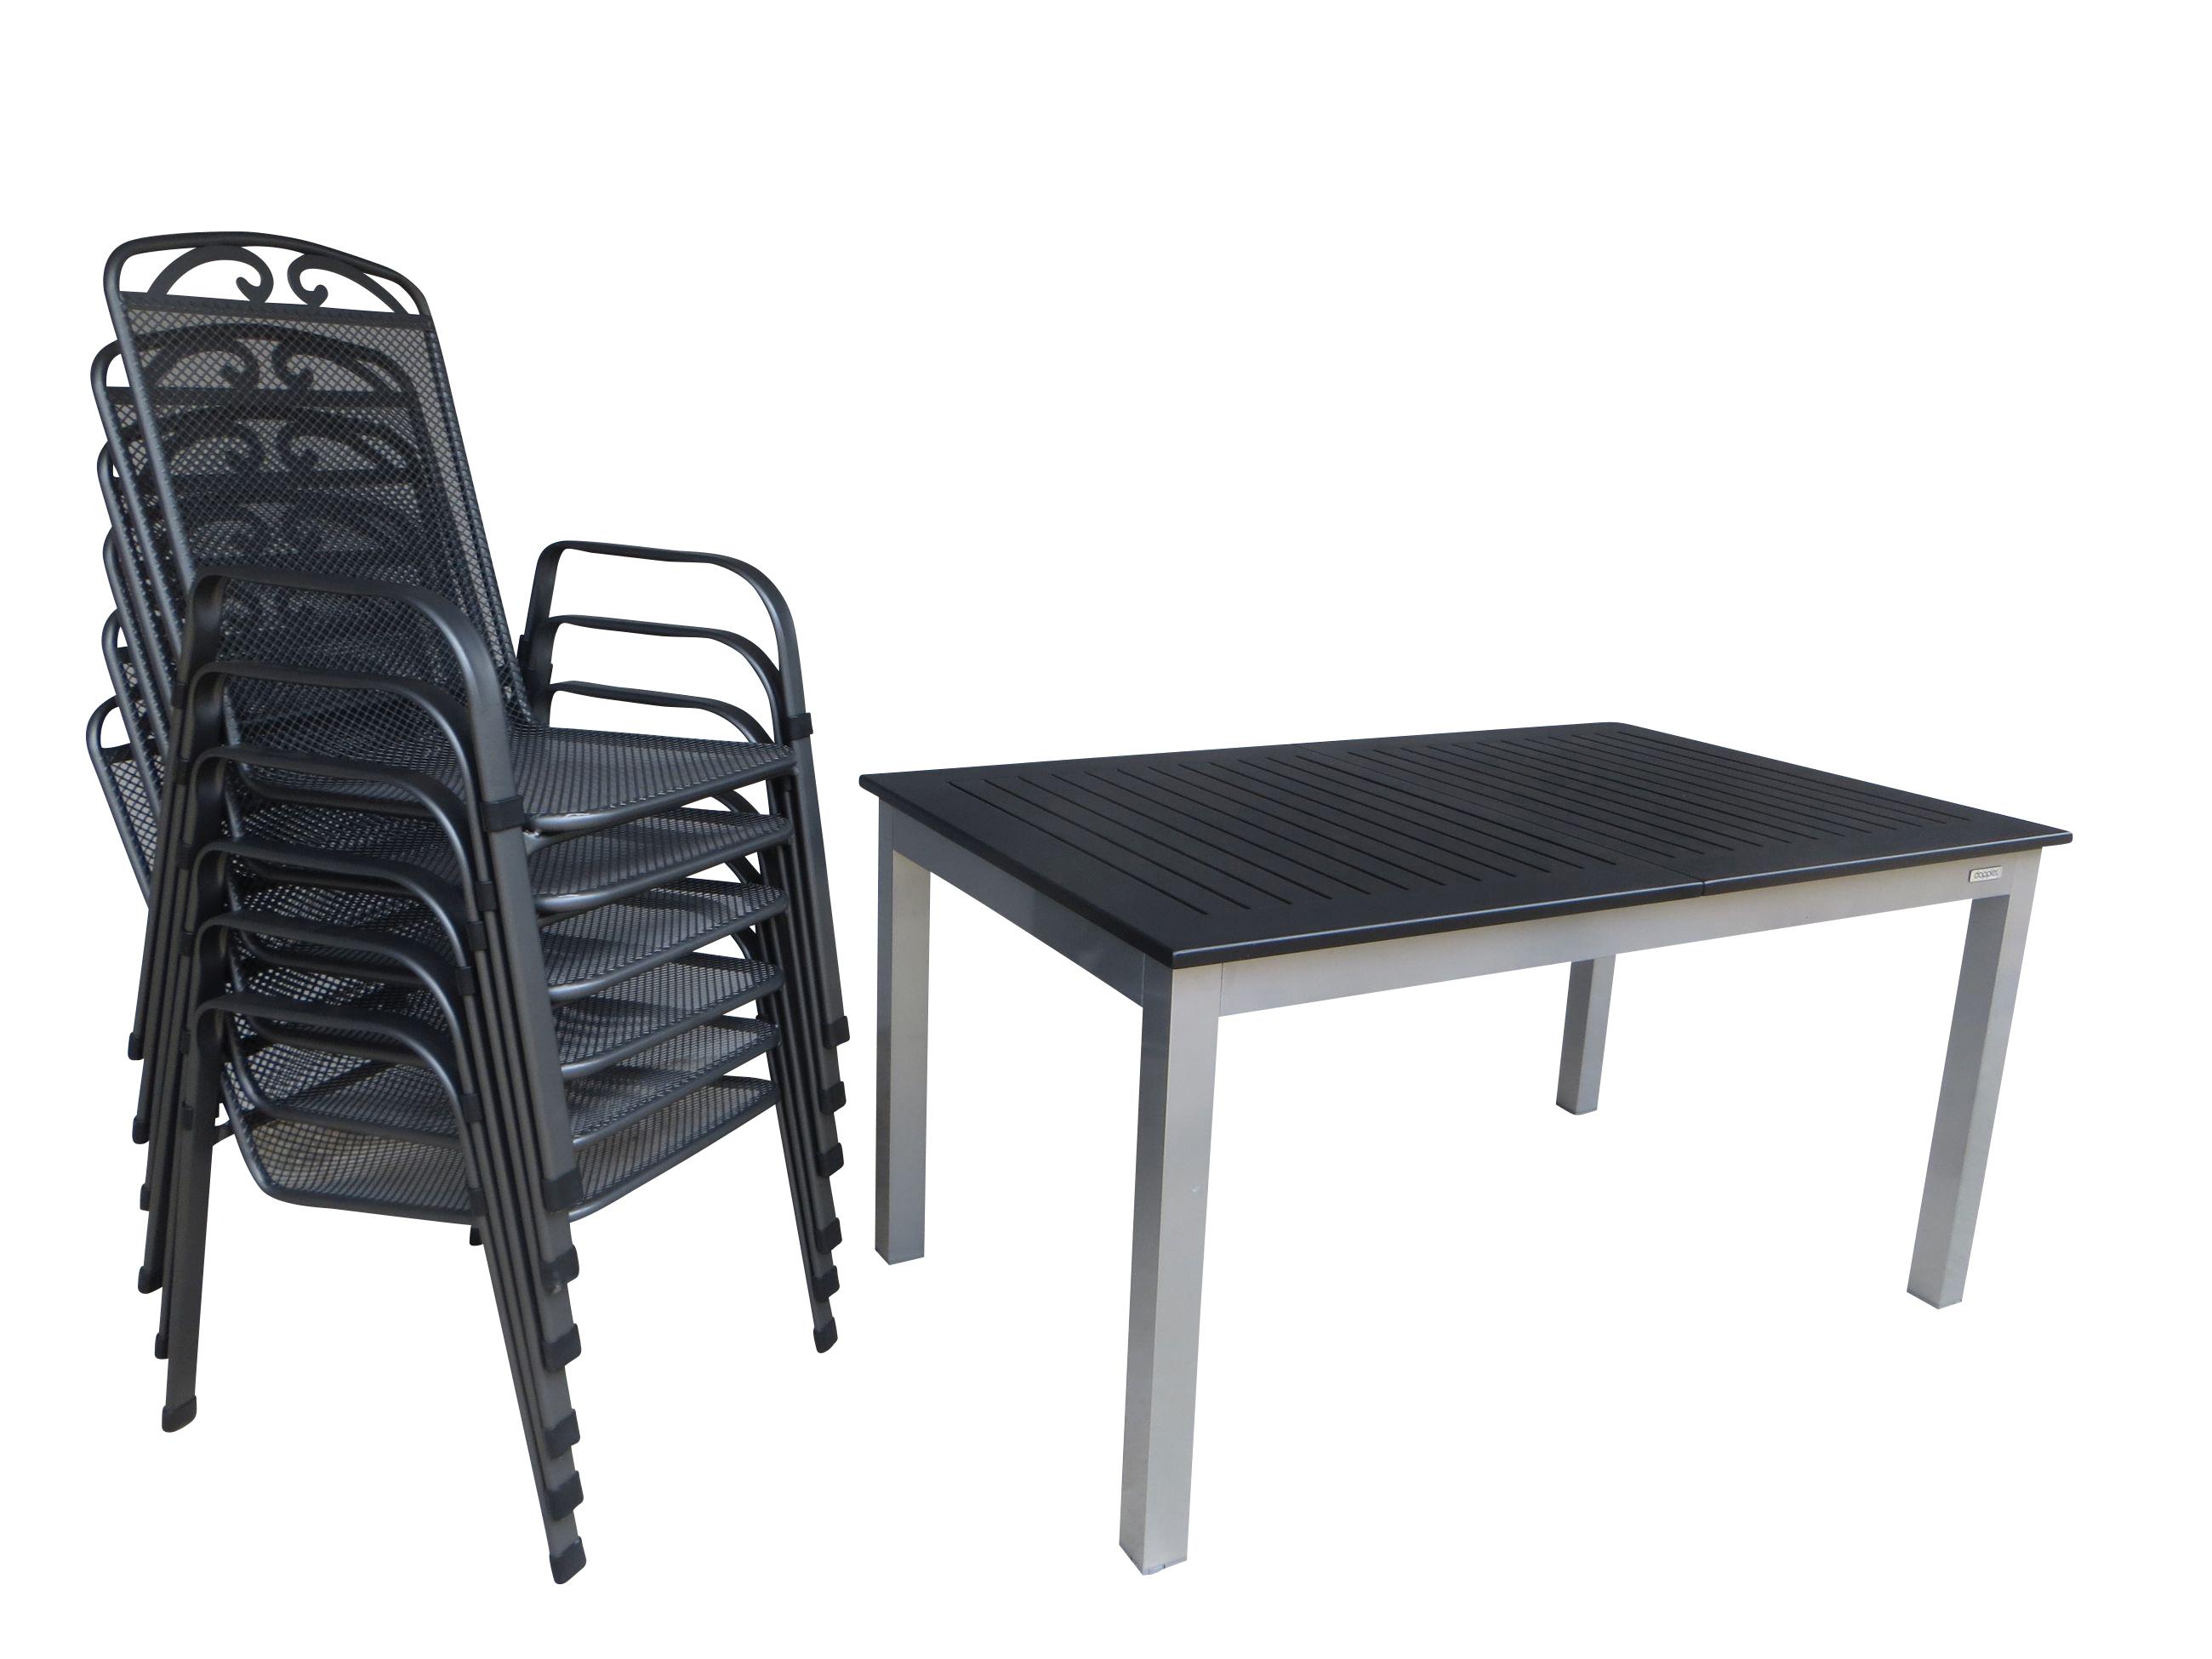 kupang alu gartenm bel set sitzgarnitur 7 tlg anthrazit silber gartenm bel gruppen. Black Bedroom Furniture Sets. Home Design Ideas